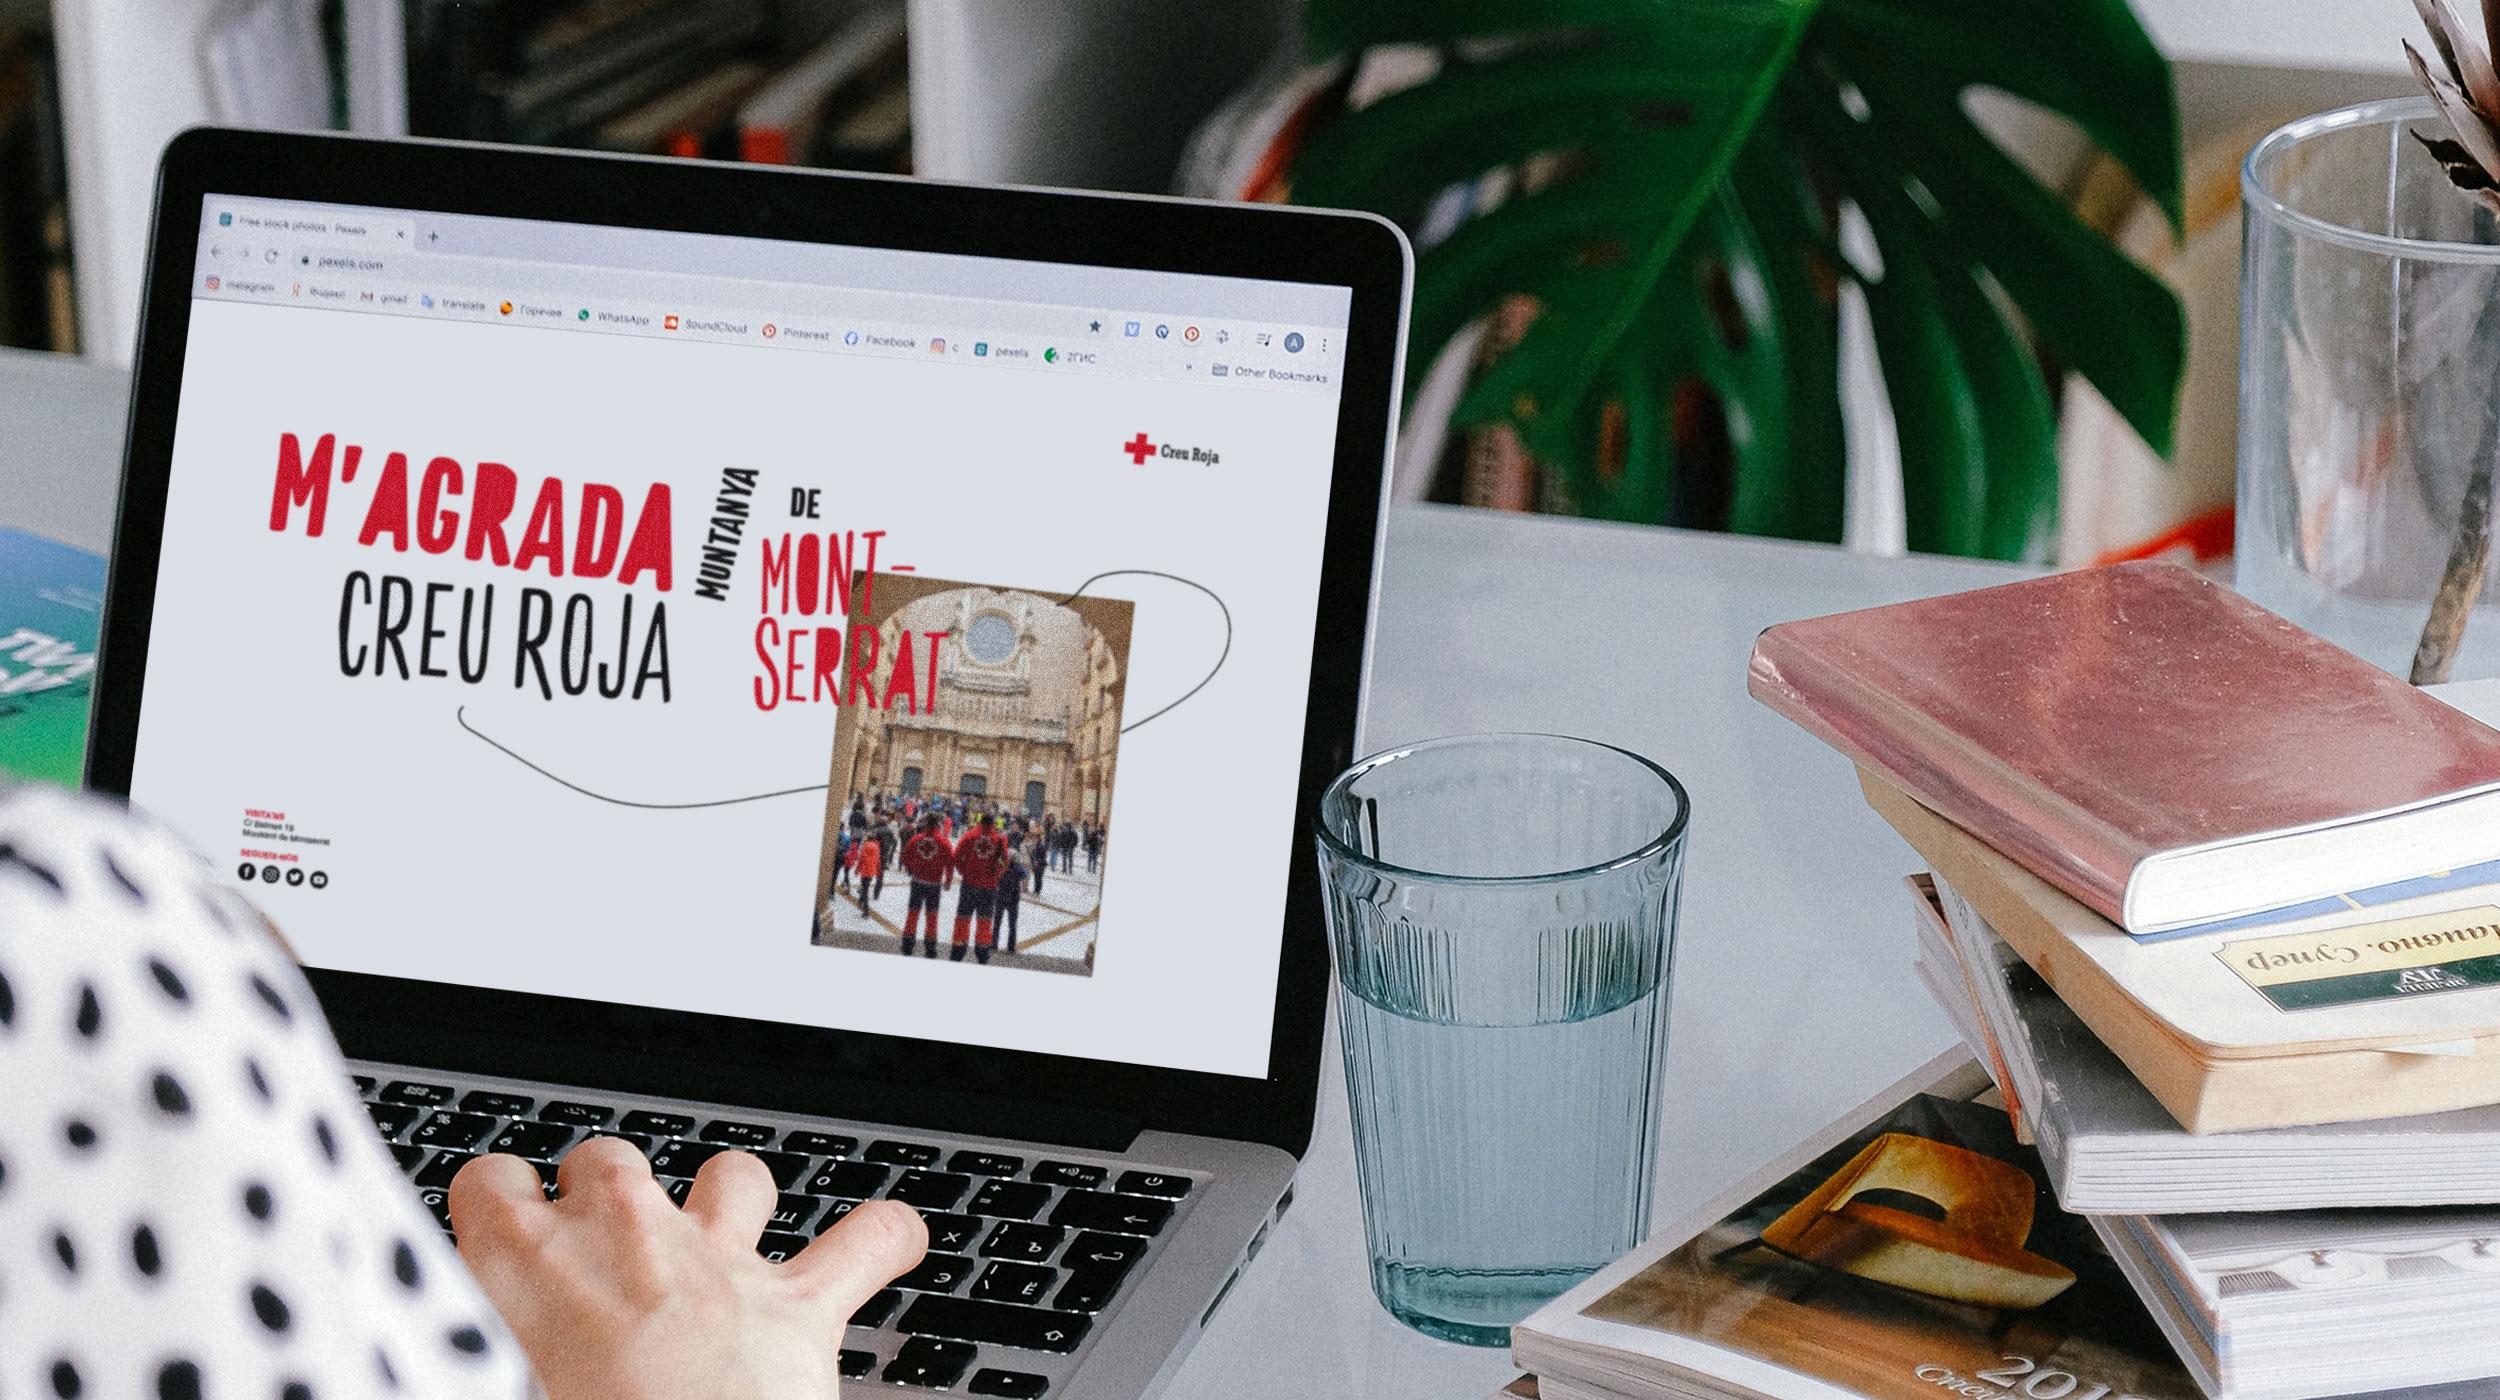 Diseño de identidad corporativa y naming para Creu Roja